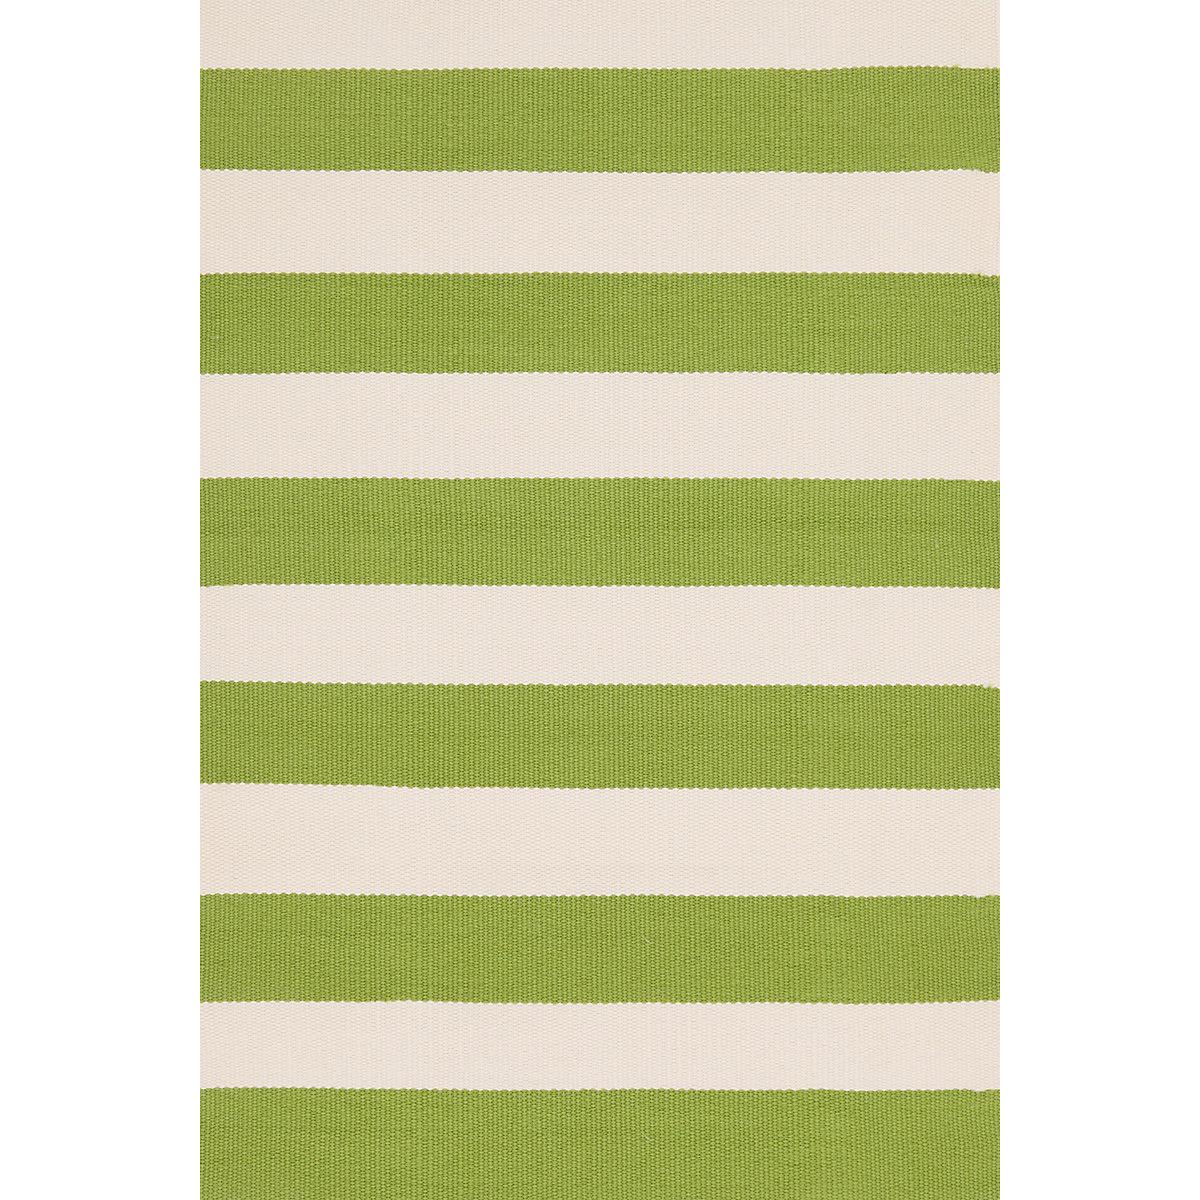 Catamaran Stripe Sprout/Ivory Indoor/Outdoor Rug | Dash & Albert